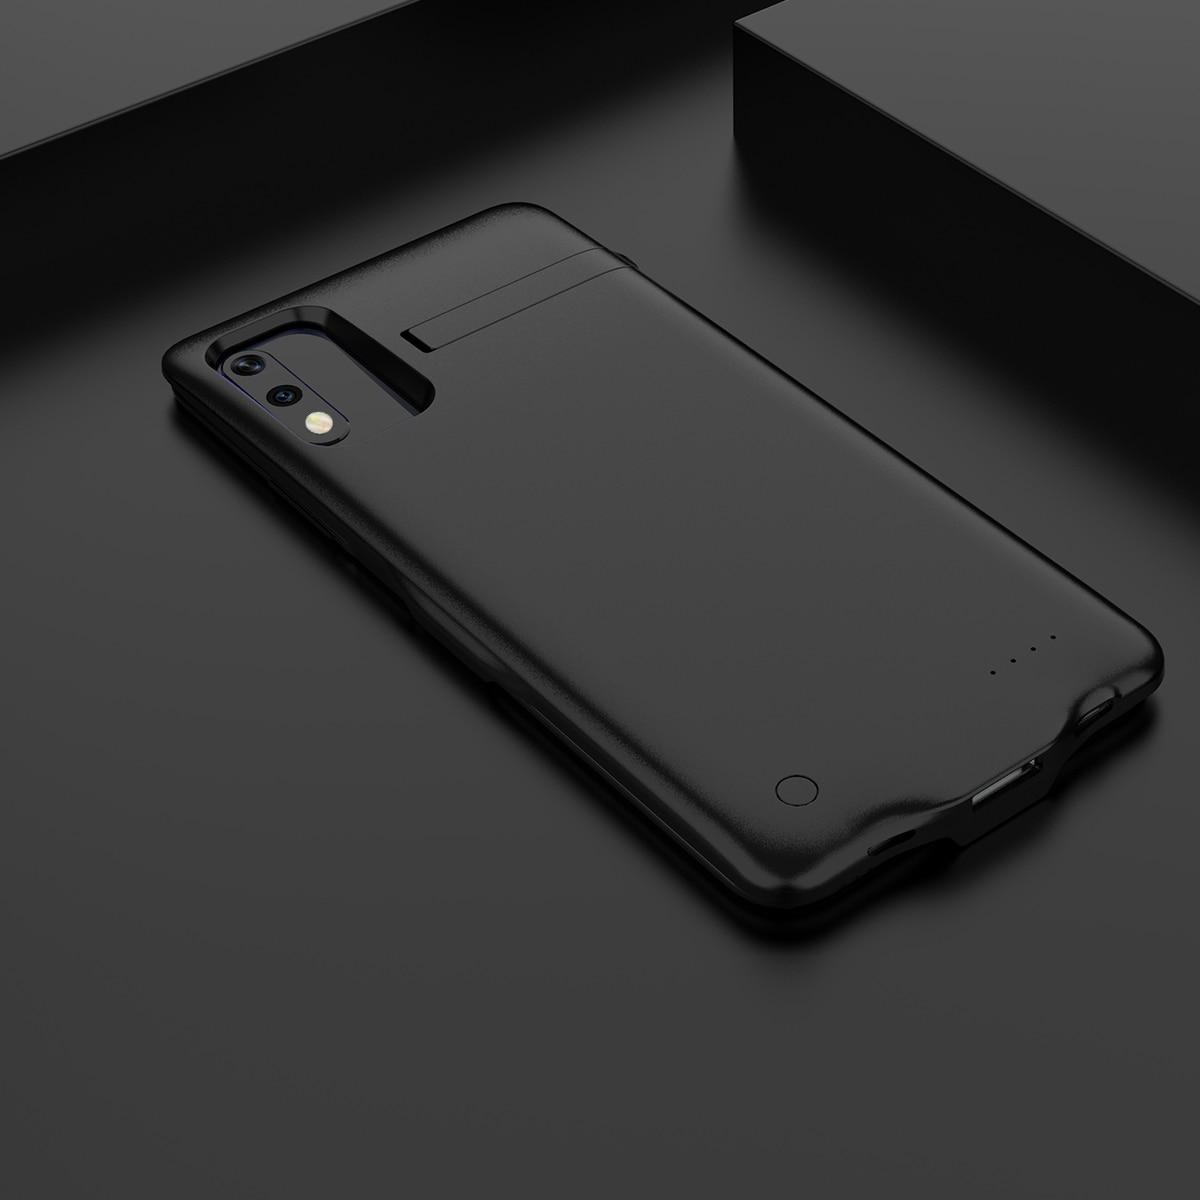 Для Huawei Honor 9X6500 мАч чехол для зарядного устройства Расширенный аккумулятор запасная Мощность Защитный чехол противоударный задний Чехол бант Funda